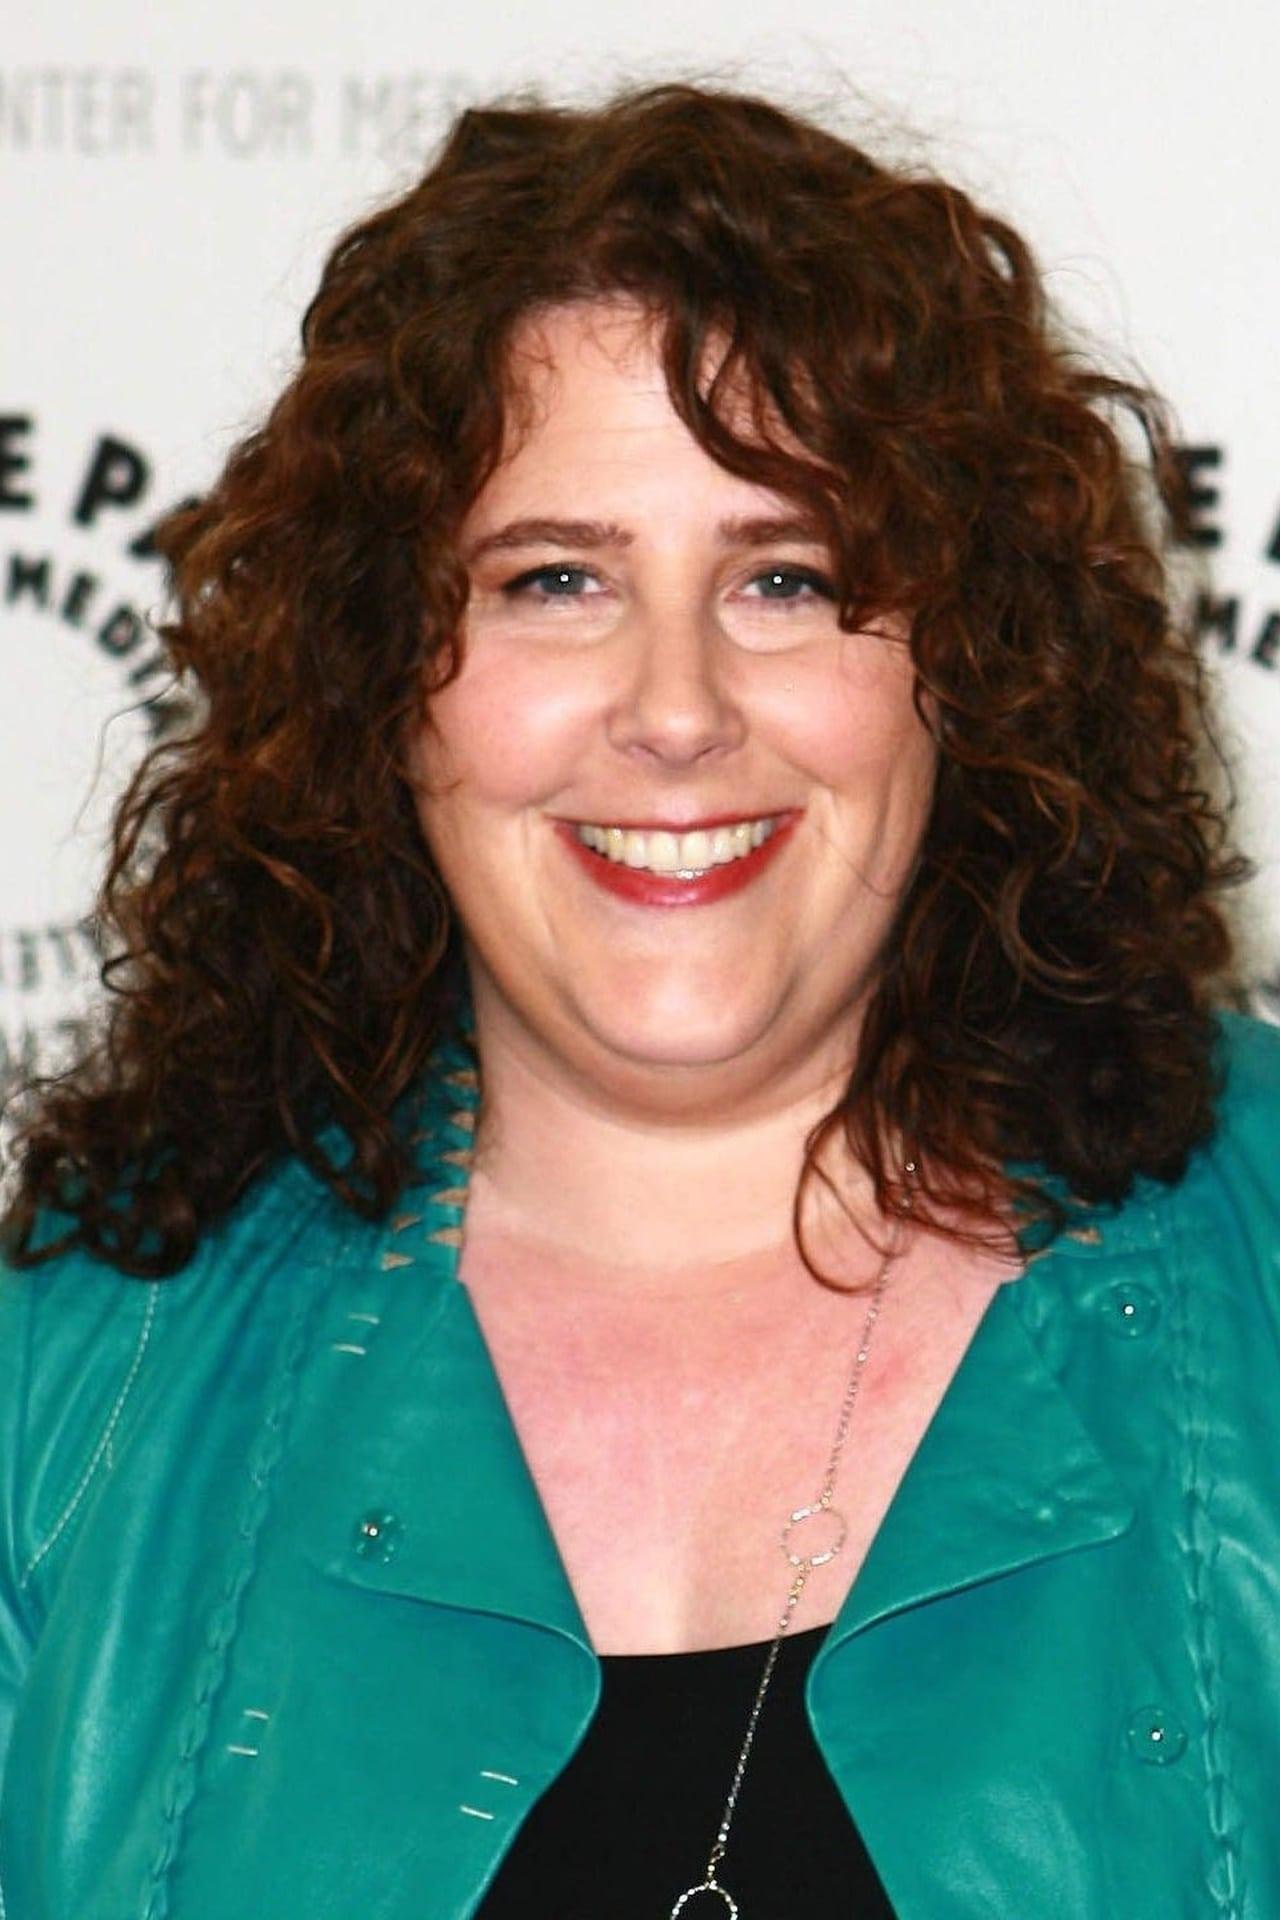 Eileen Heisler